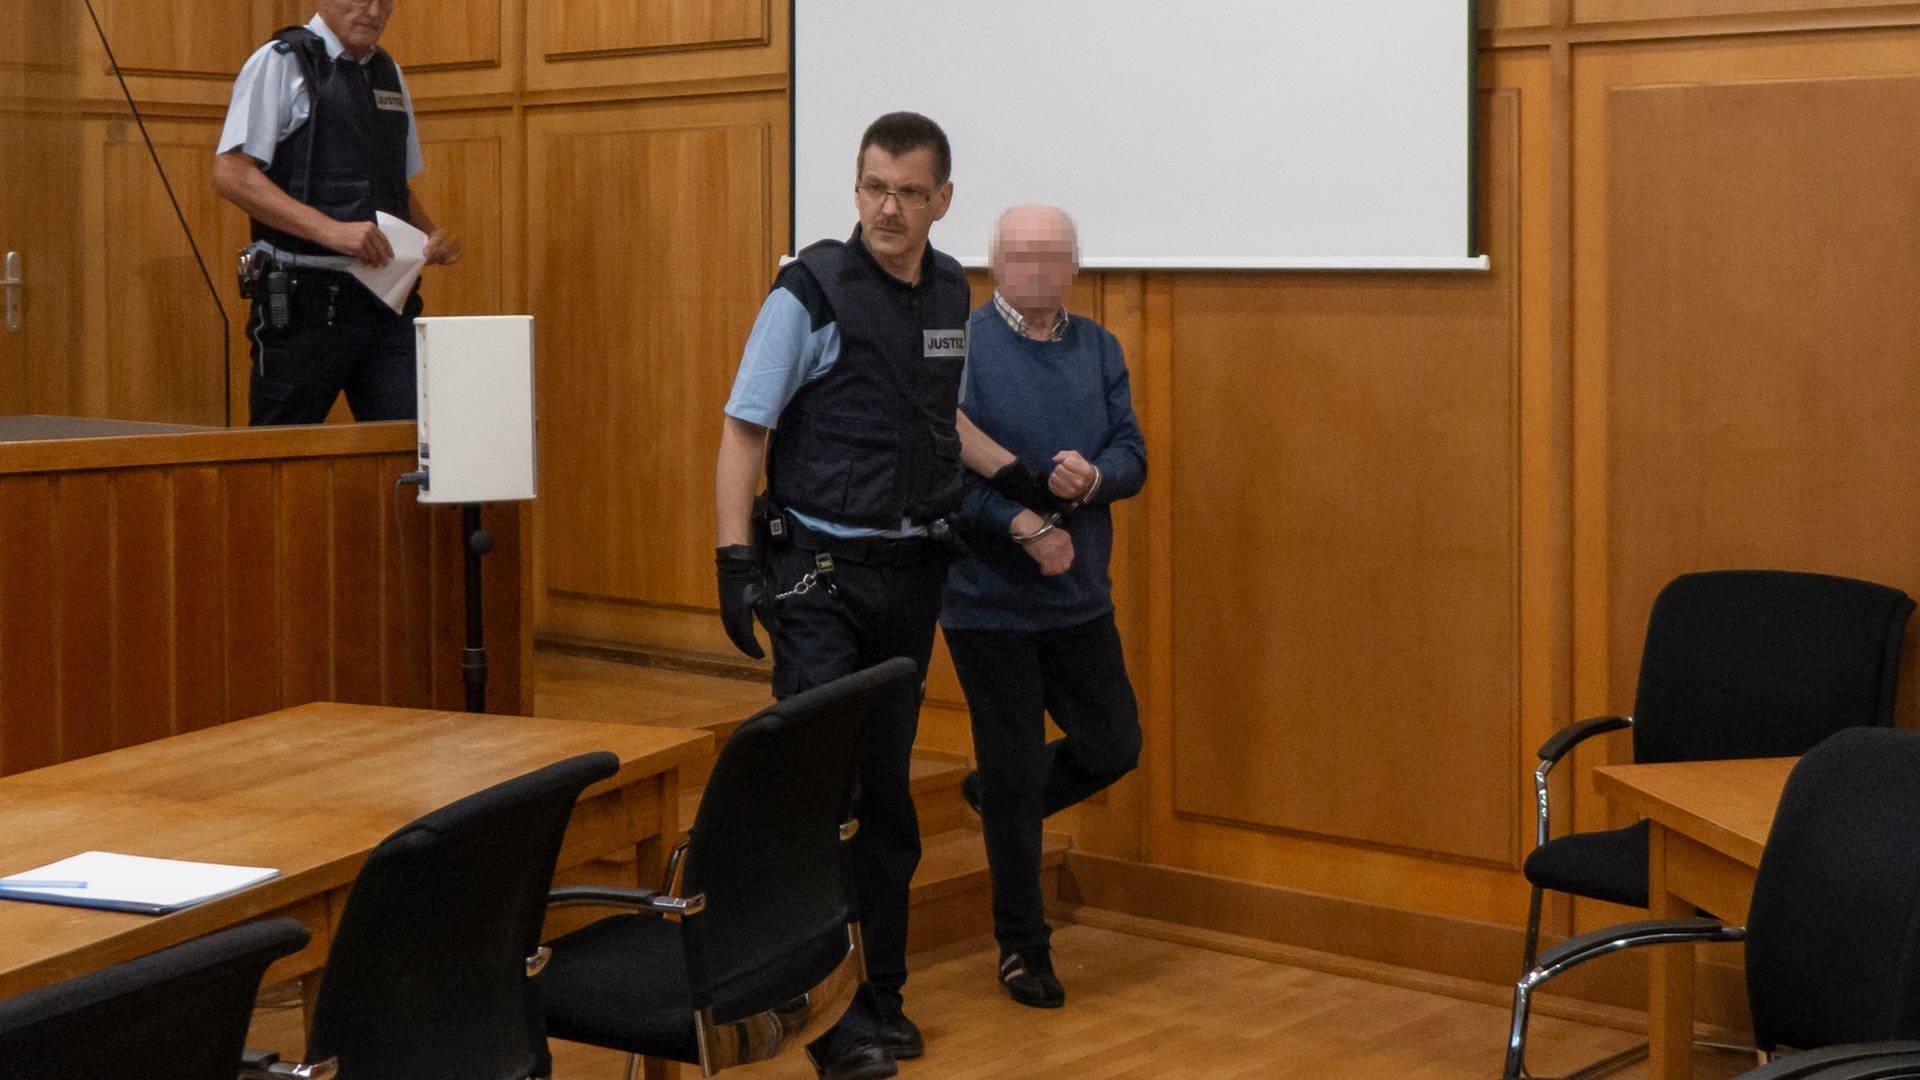 Der 70-jährige Angeklagte wir in die große Strafkammer geführt